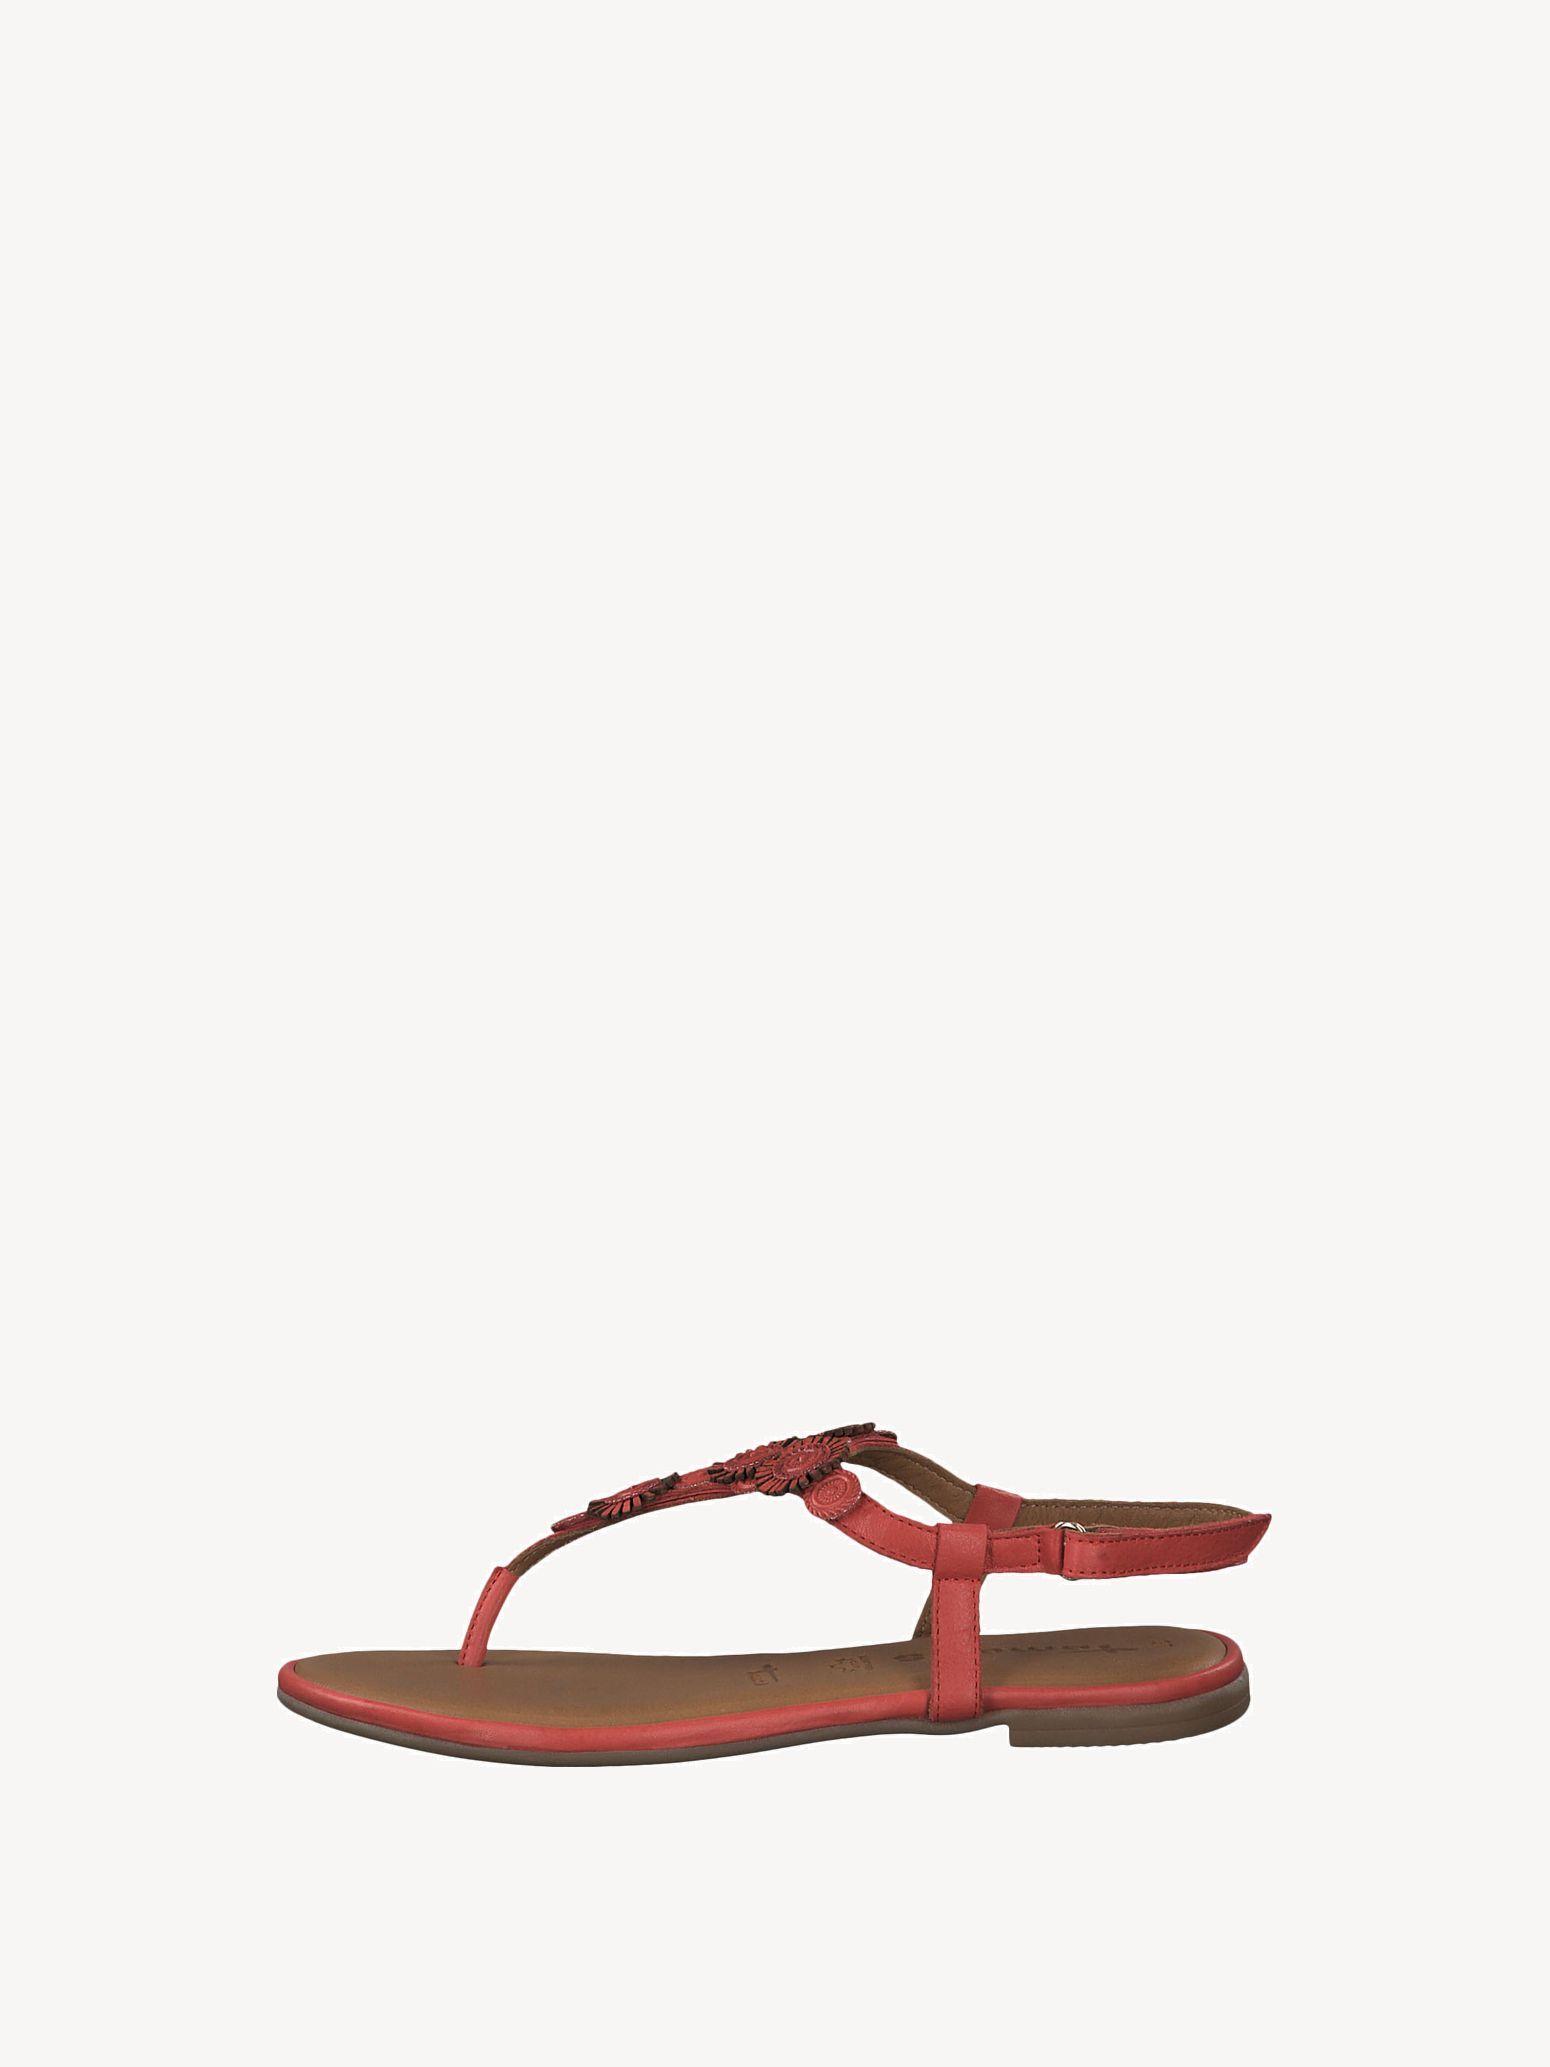 40% Rabatt auf ausgewählte Schuhe und Taschen bei Tamaris